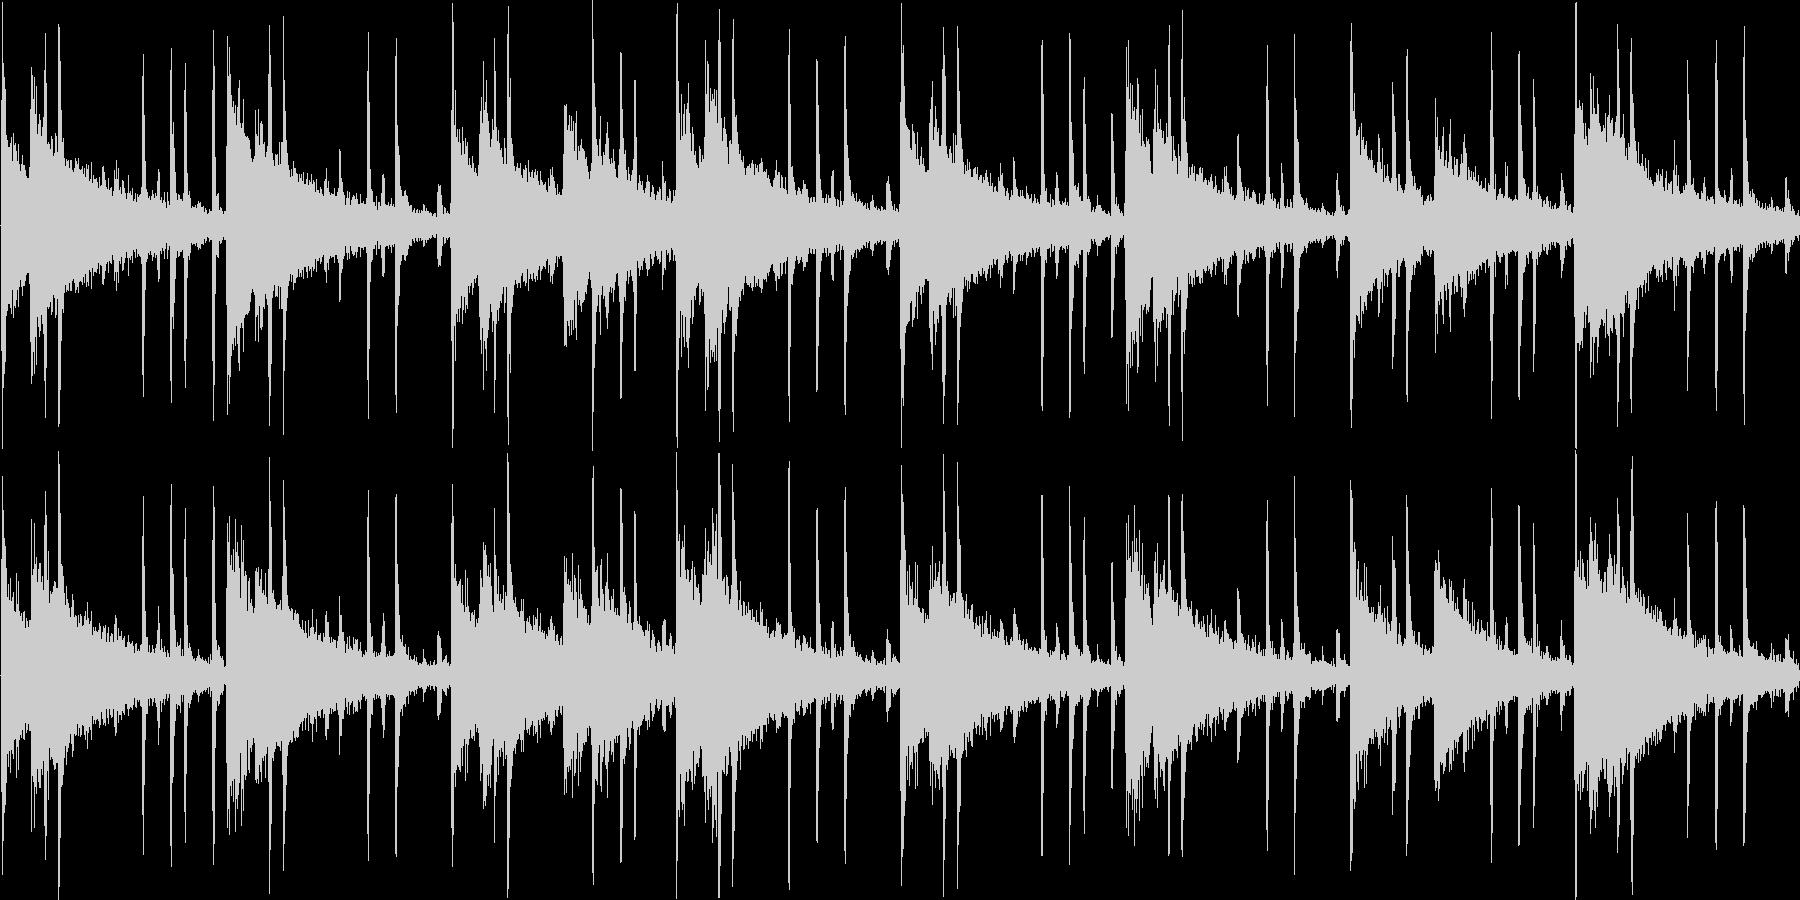 リズムを強調した楽曲です。淡々と伸びや…の未再生の波形